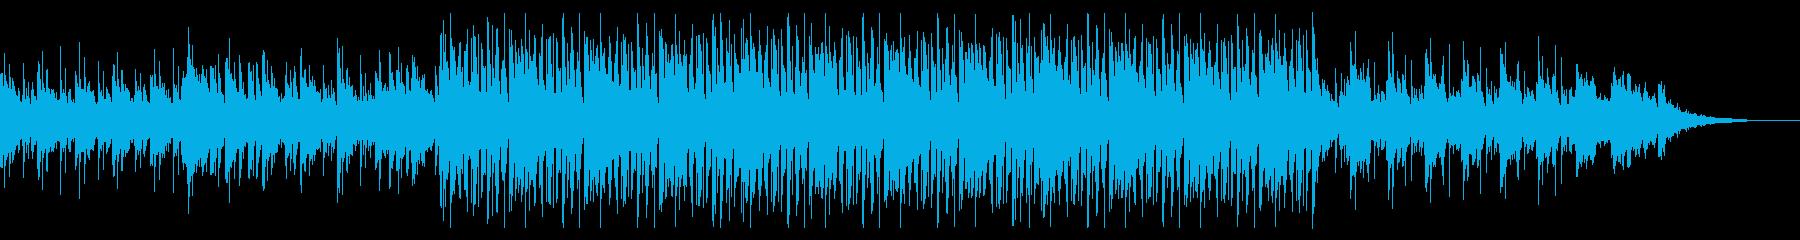 ウキウキワクワクするような軽快なBGMの再生済みの波形